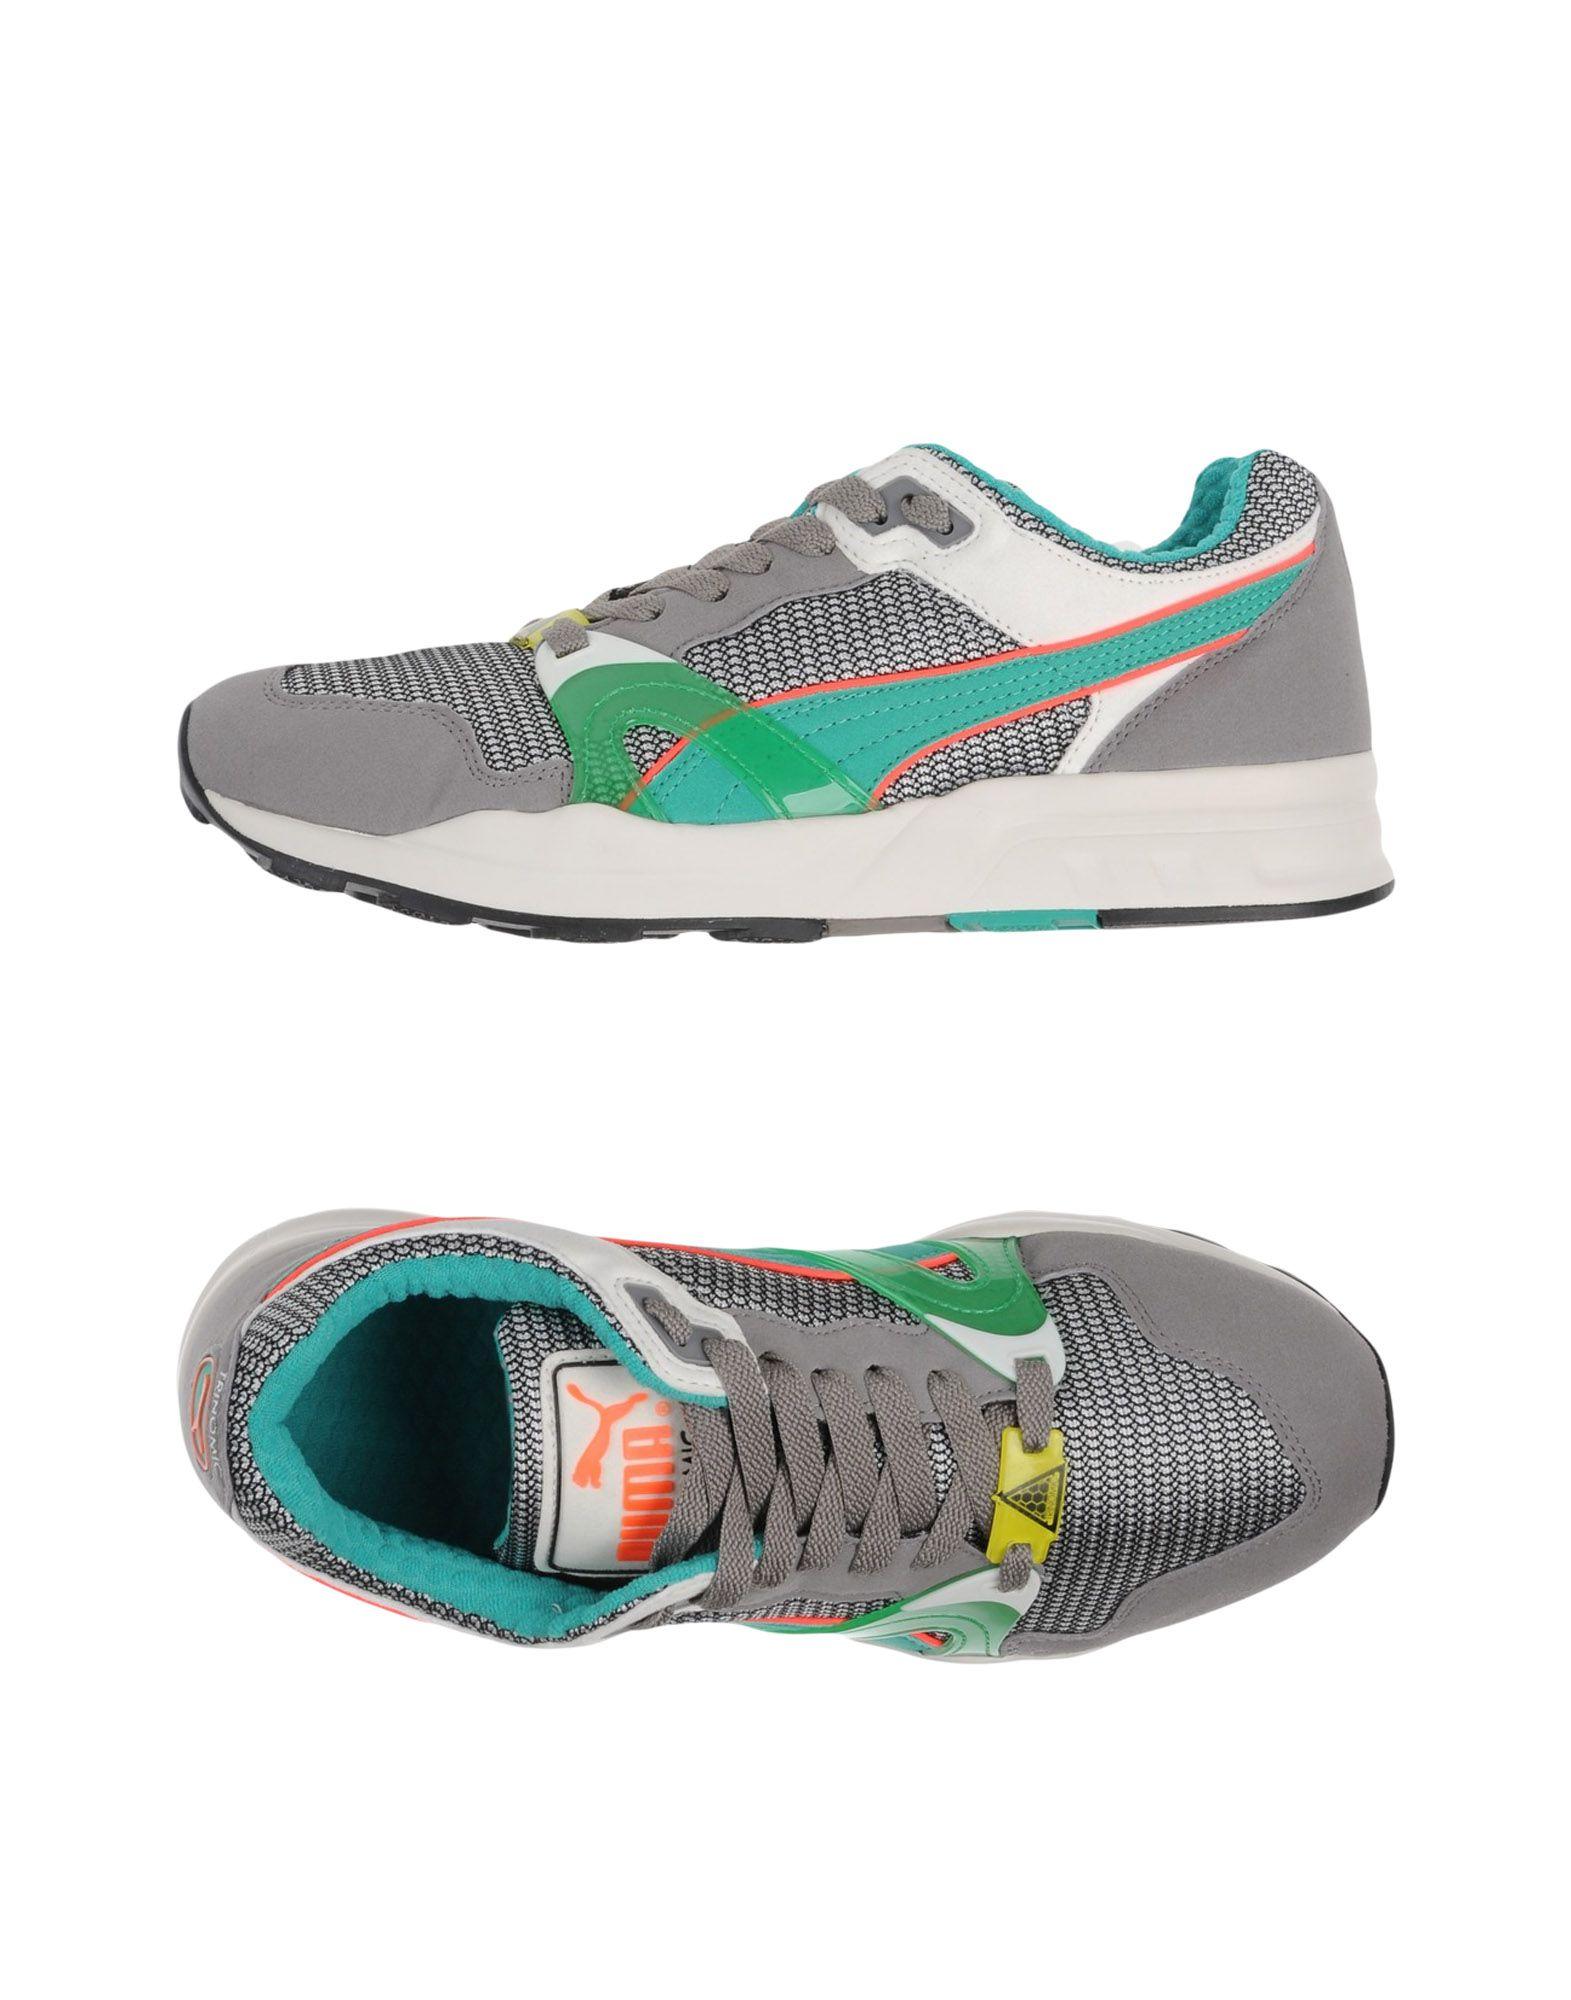 Puma Sneakers Herren Heiße  11249065PJ Heiße Herren Schuhe 06ca81